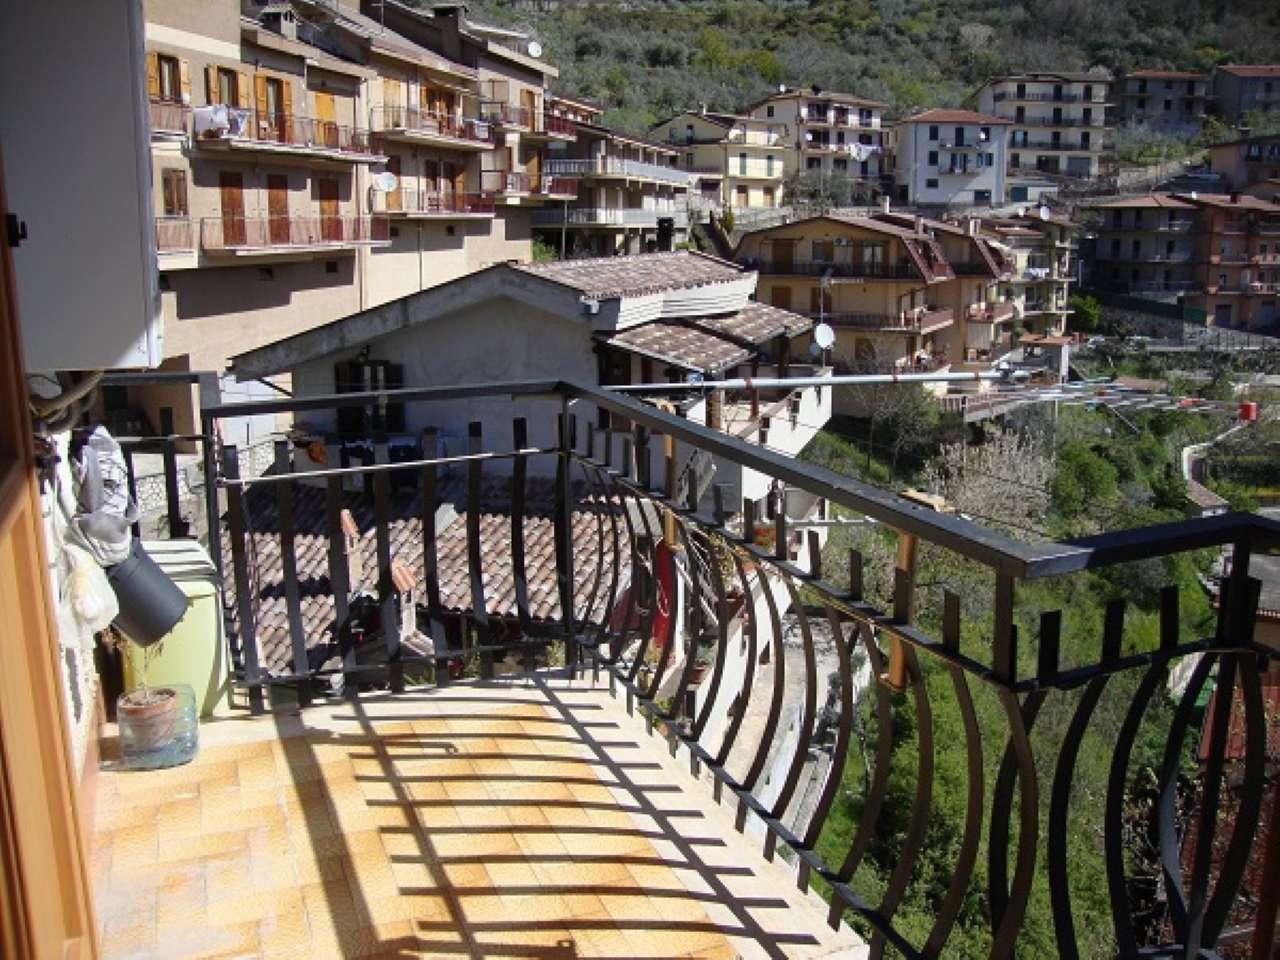 Trilocale, Via San Lorenzo, Piglio, foto 17